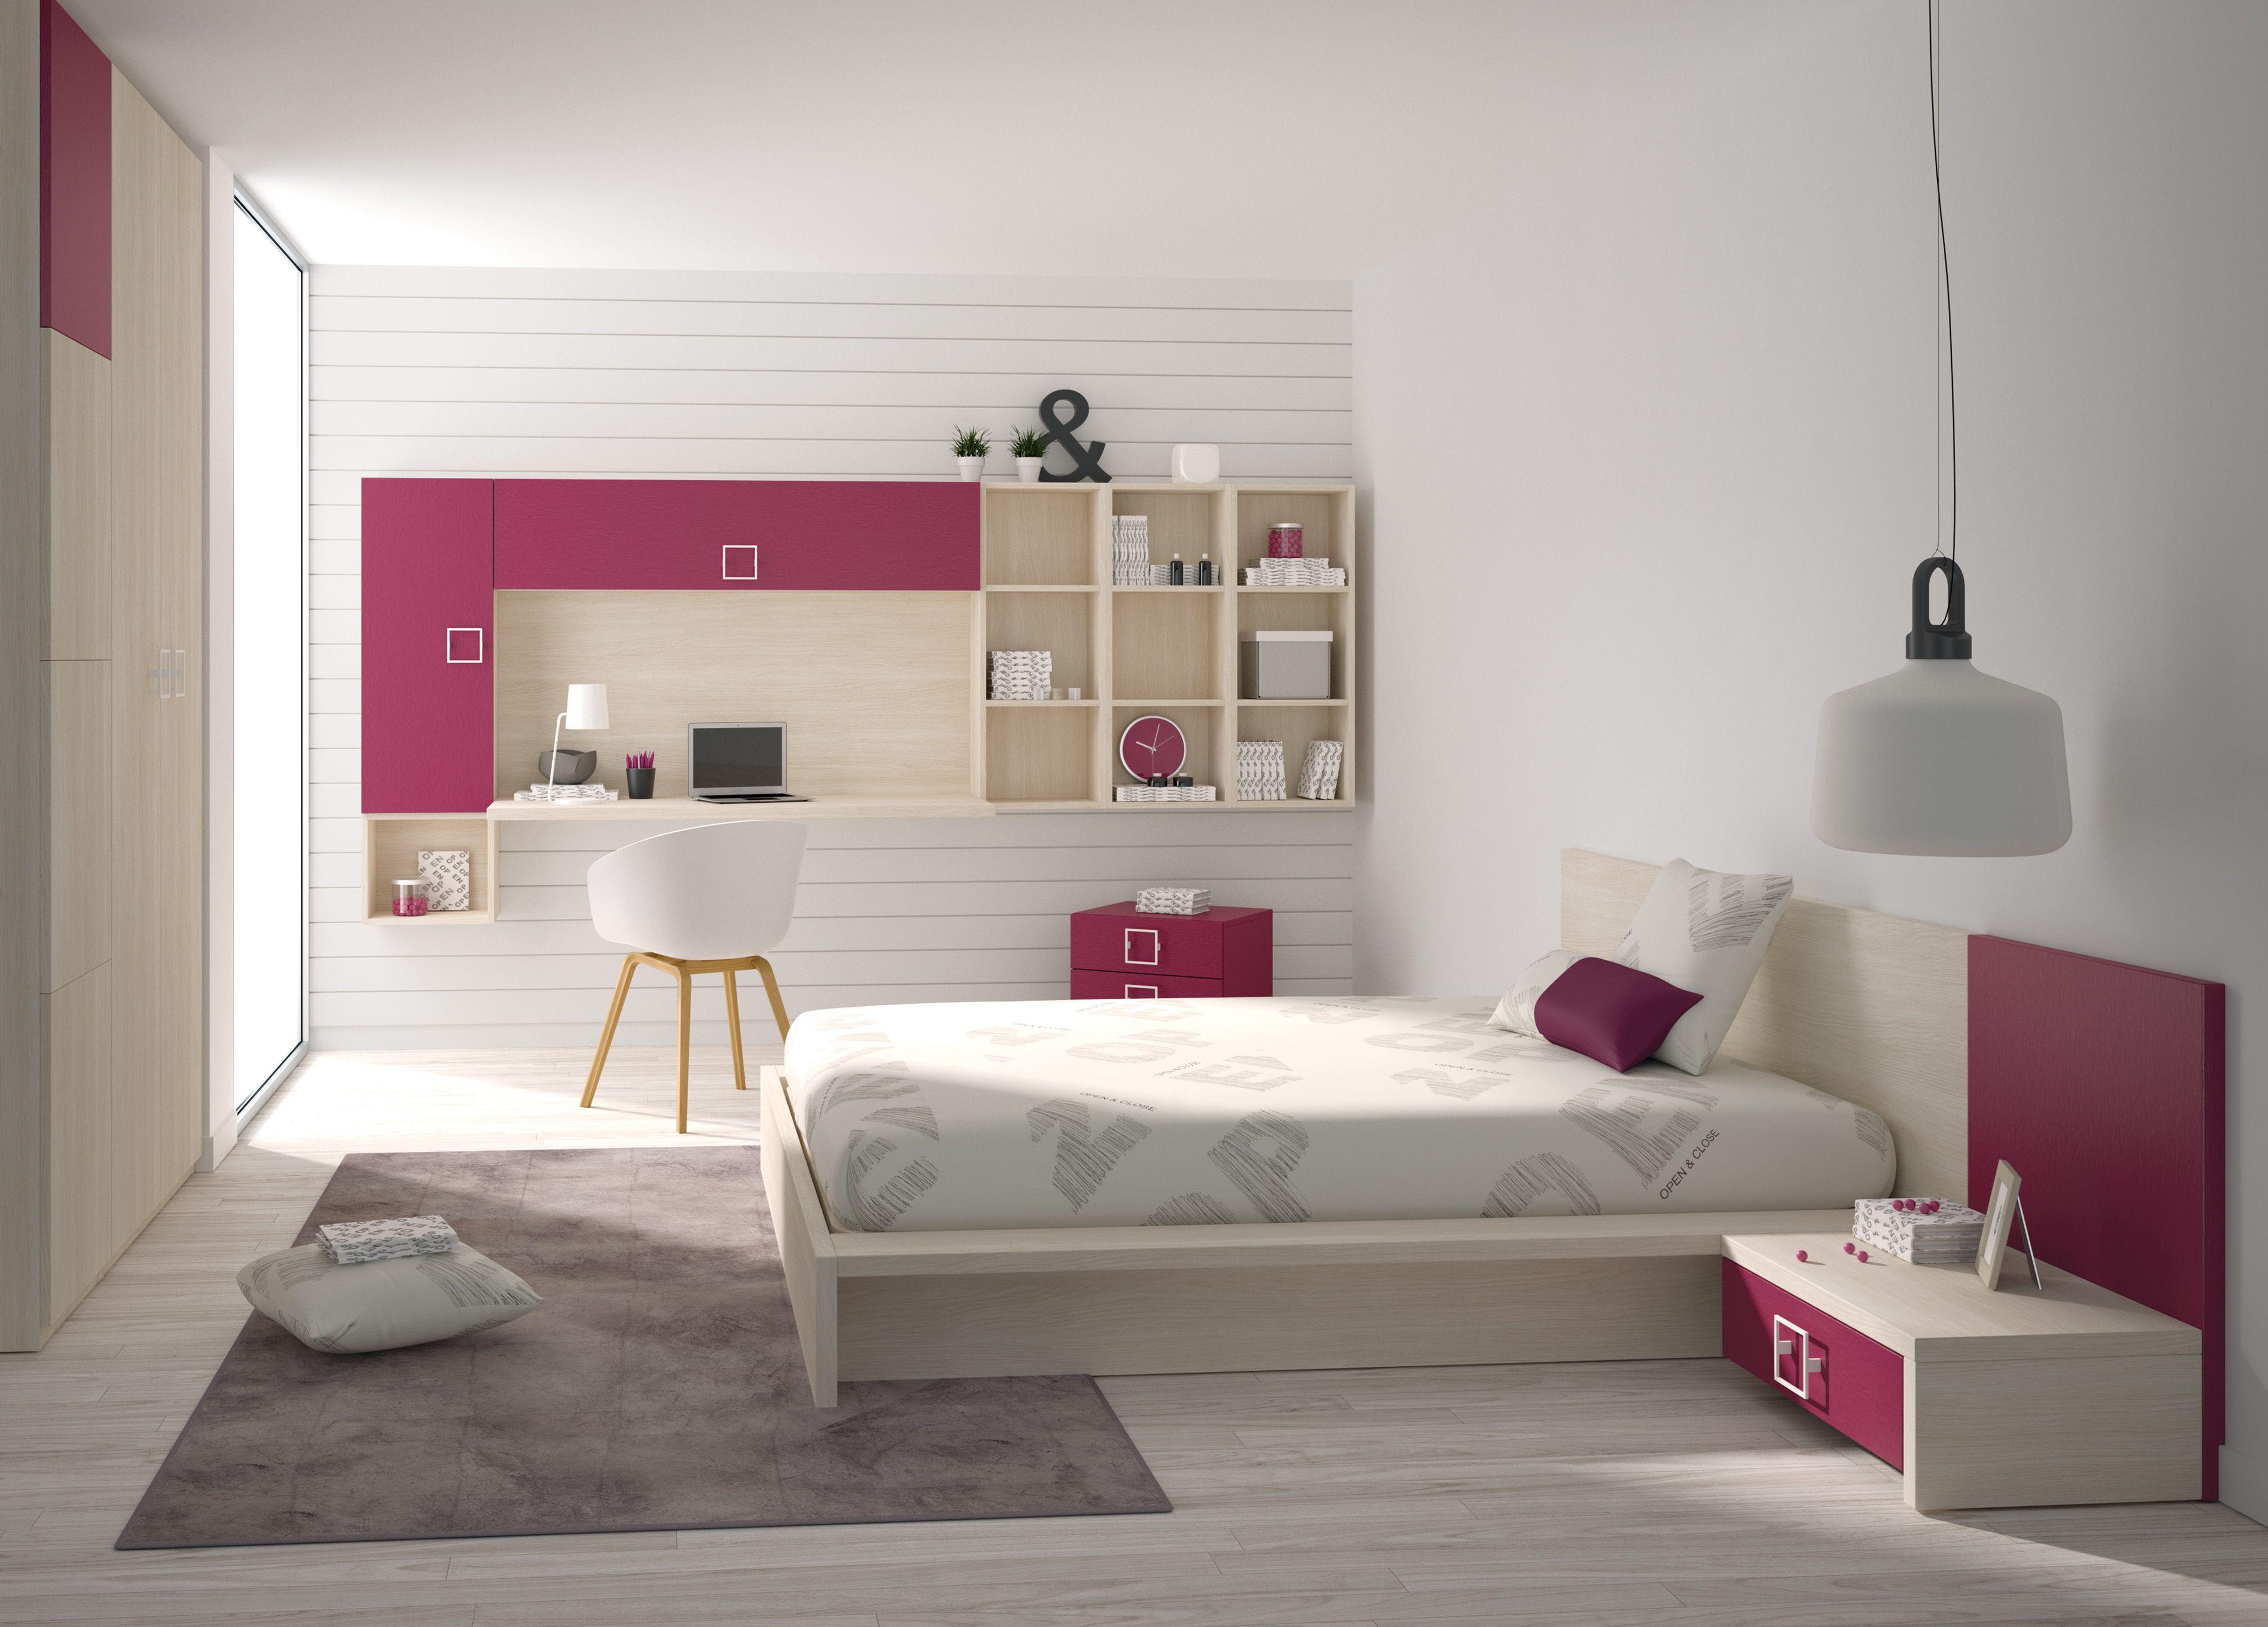 Cuartos modernos para jovenes free dormitorios para - Camas modernas para jovenes ...